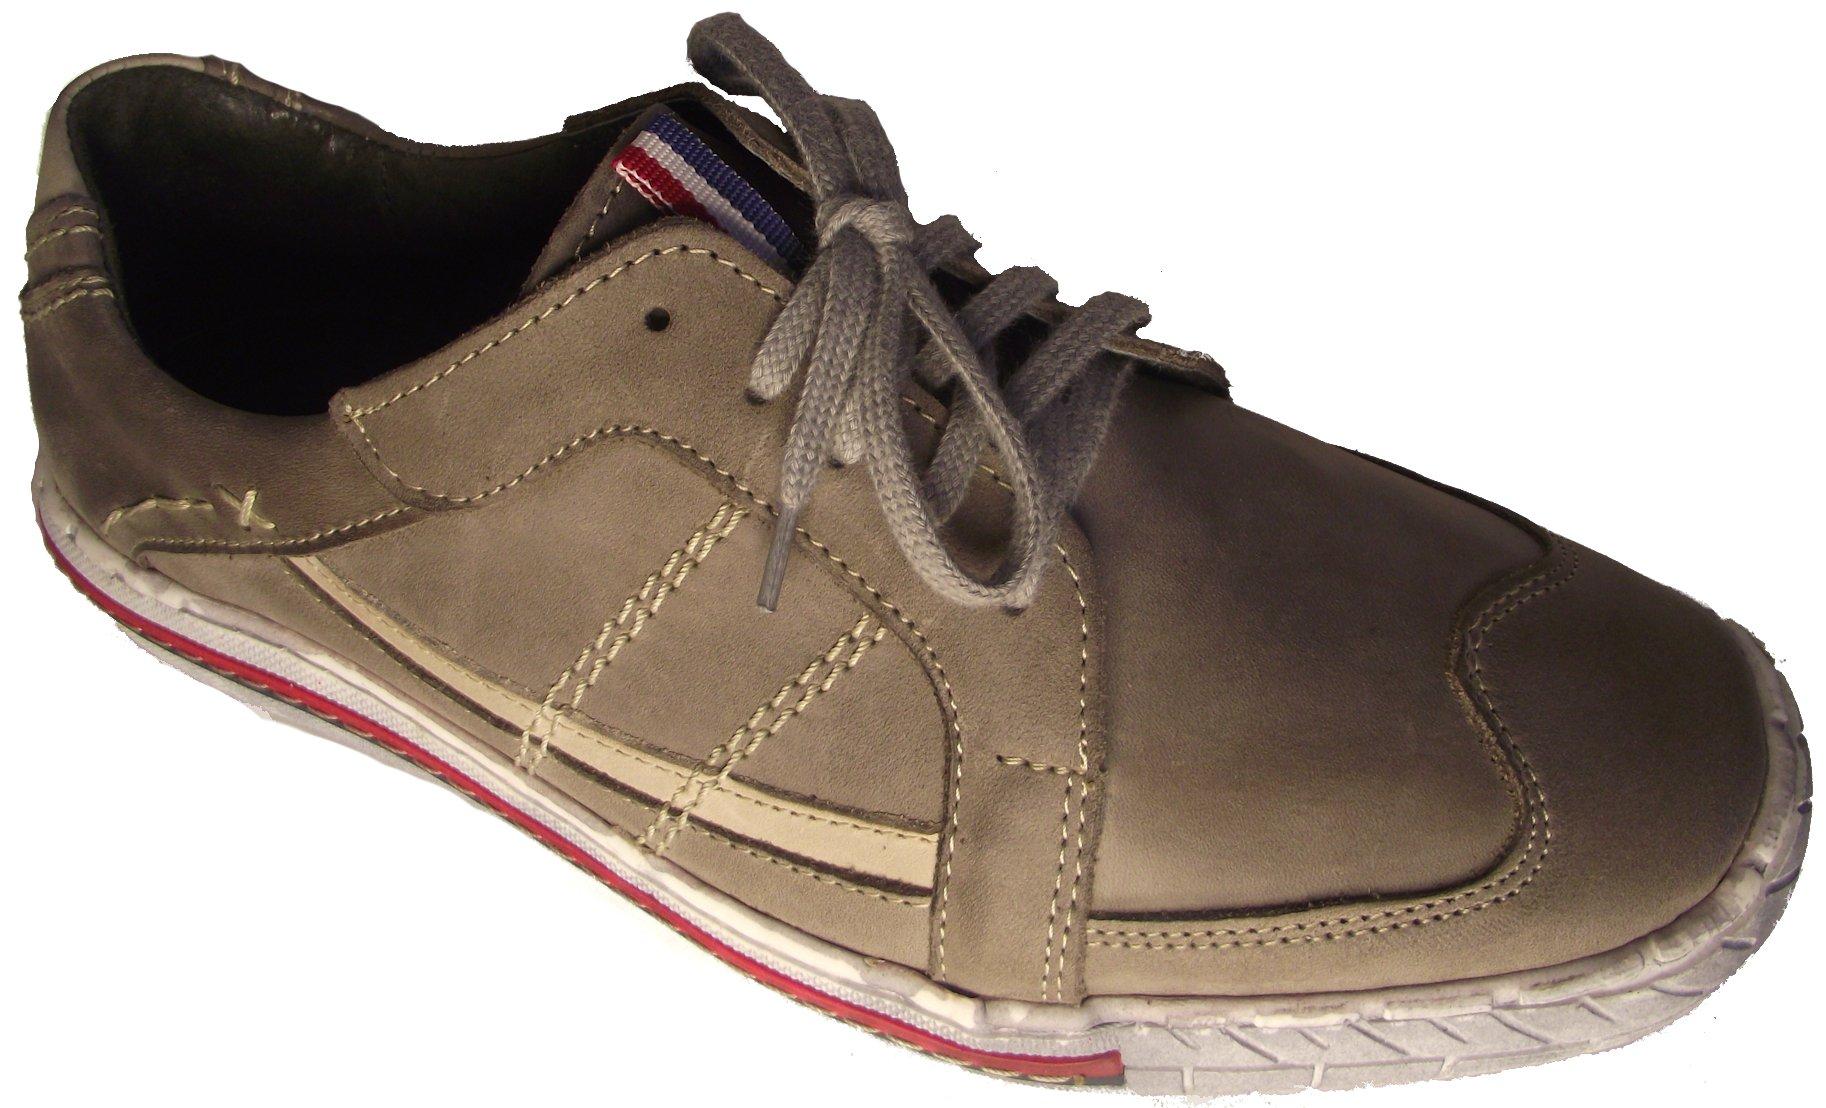 Pánská vycházková obuv NES 4070 Velikost: 42 (EU)